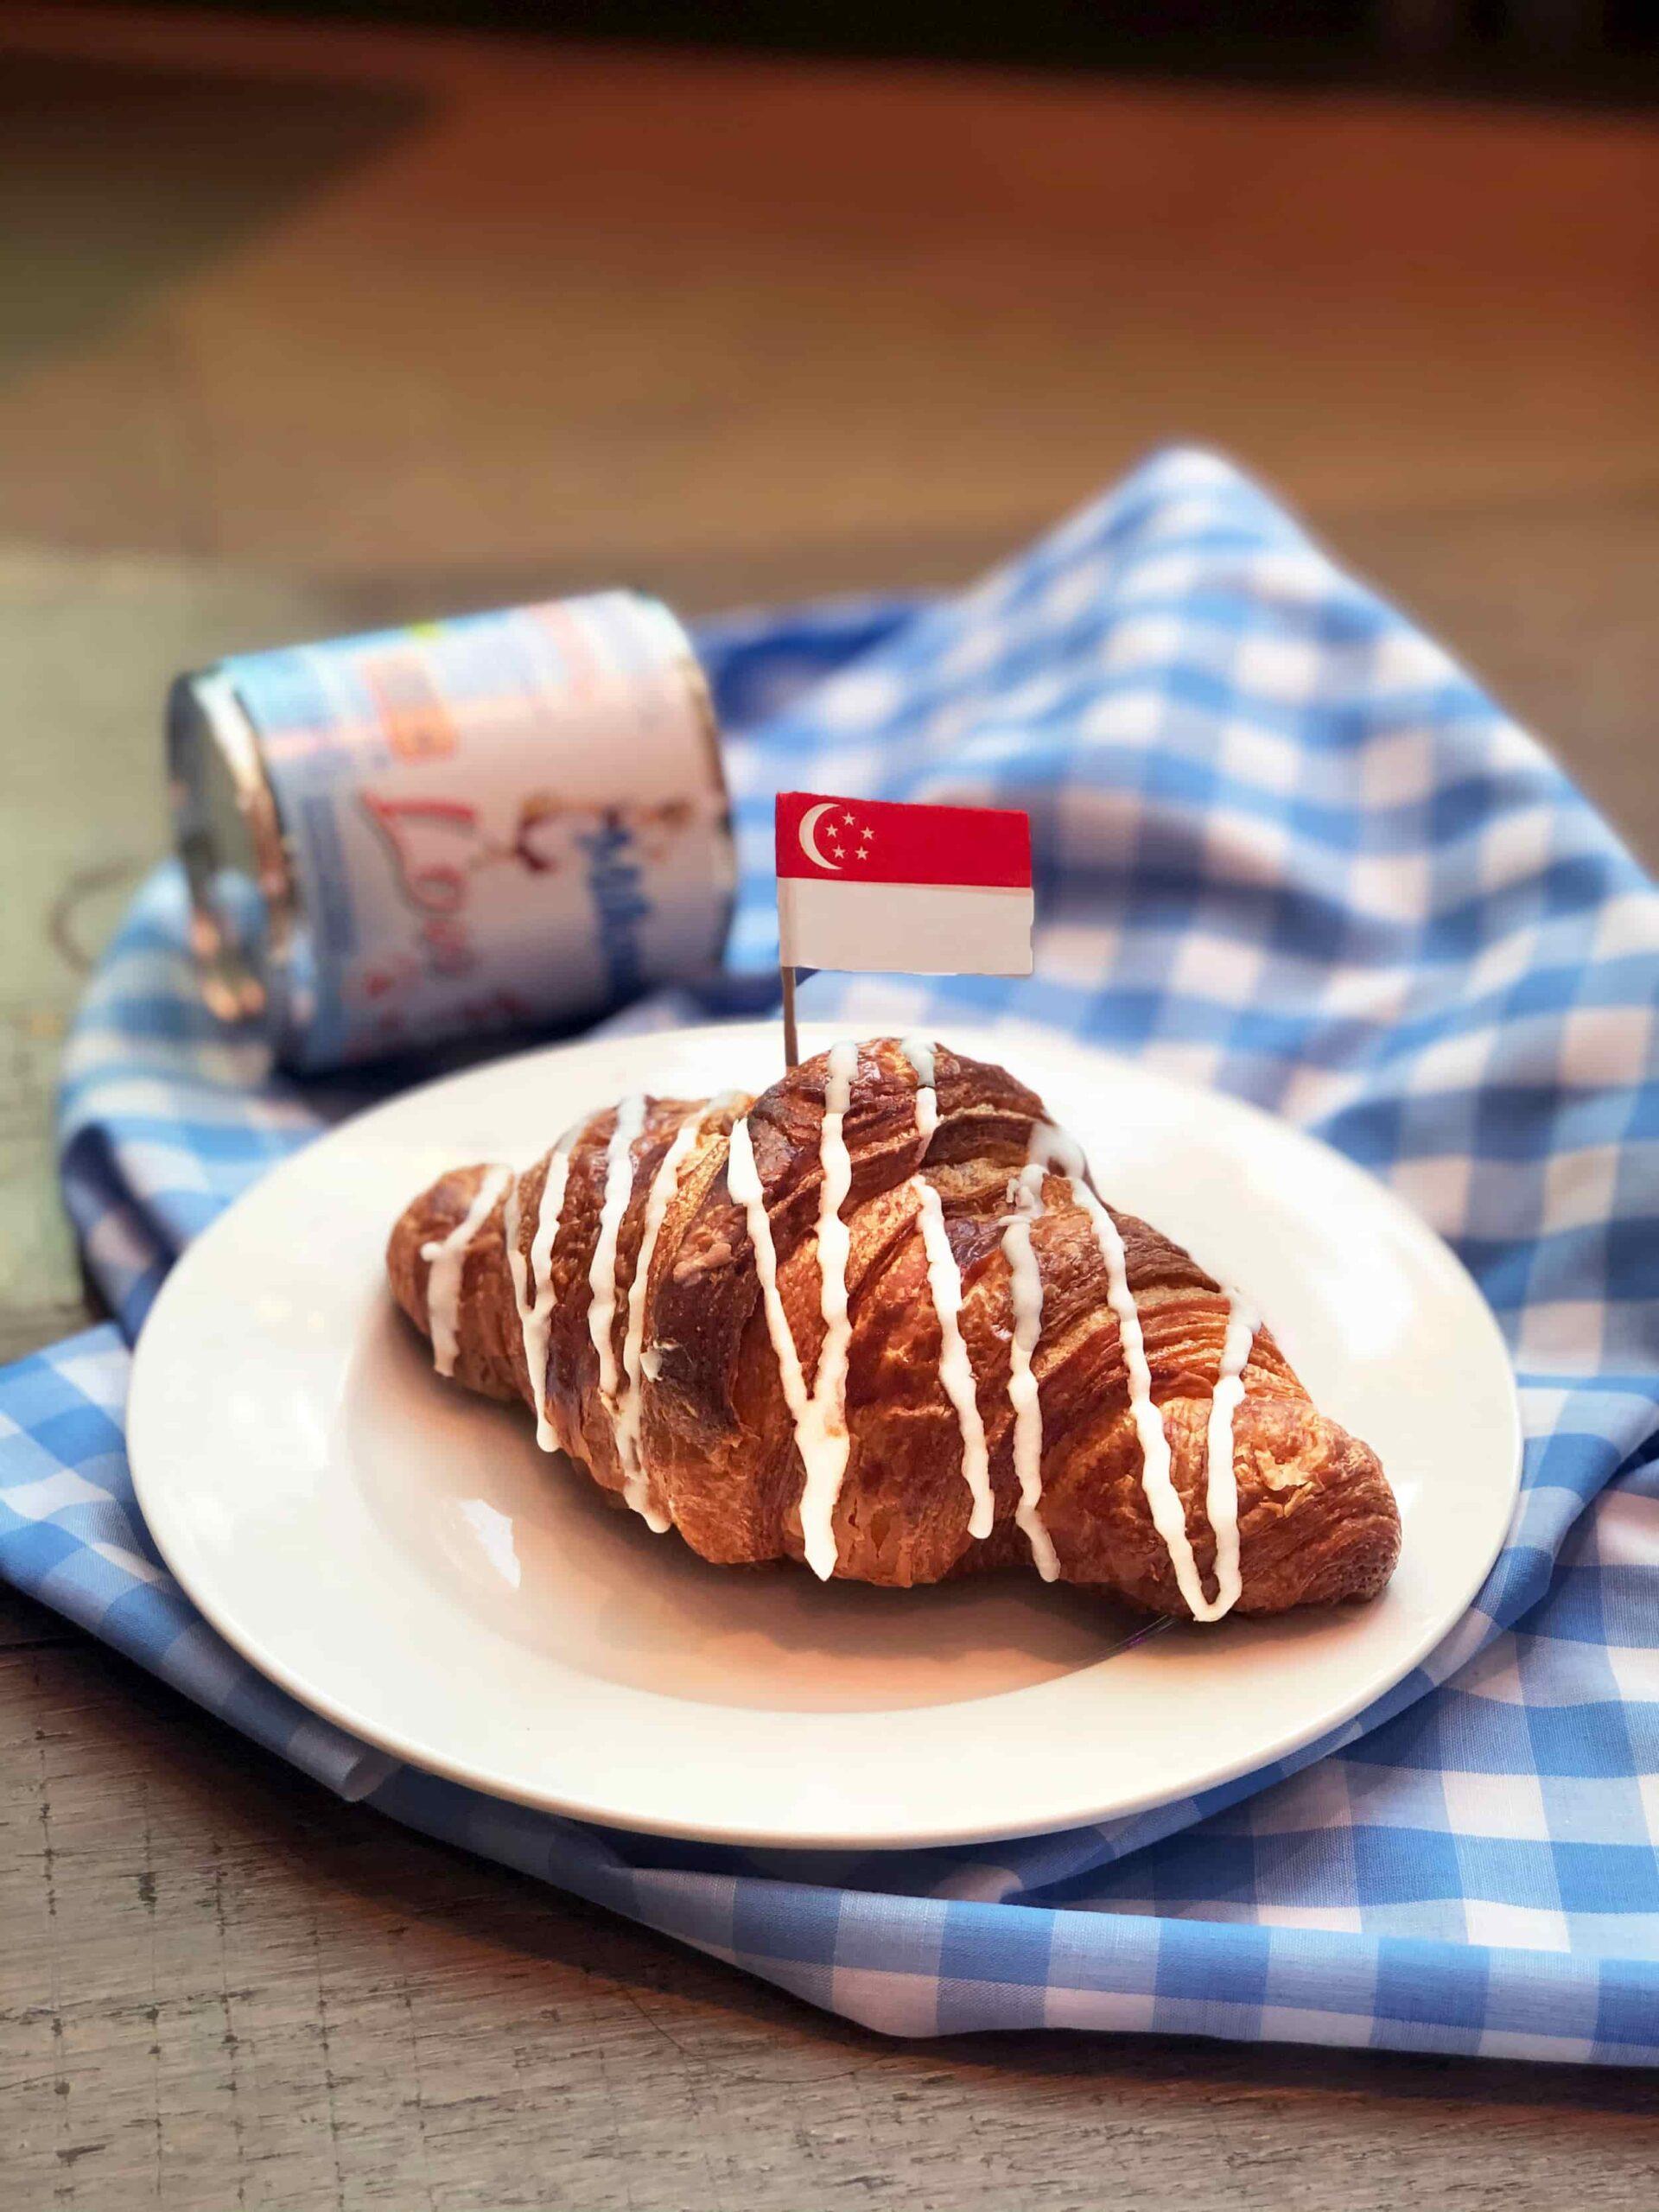 Condensed milk croissant